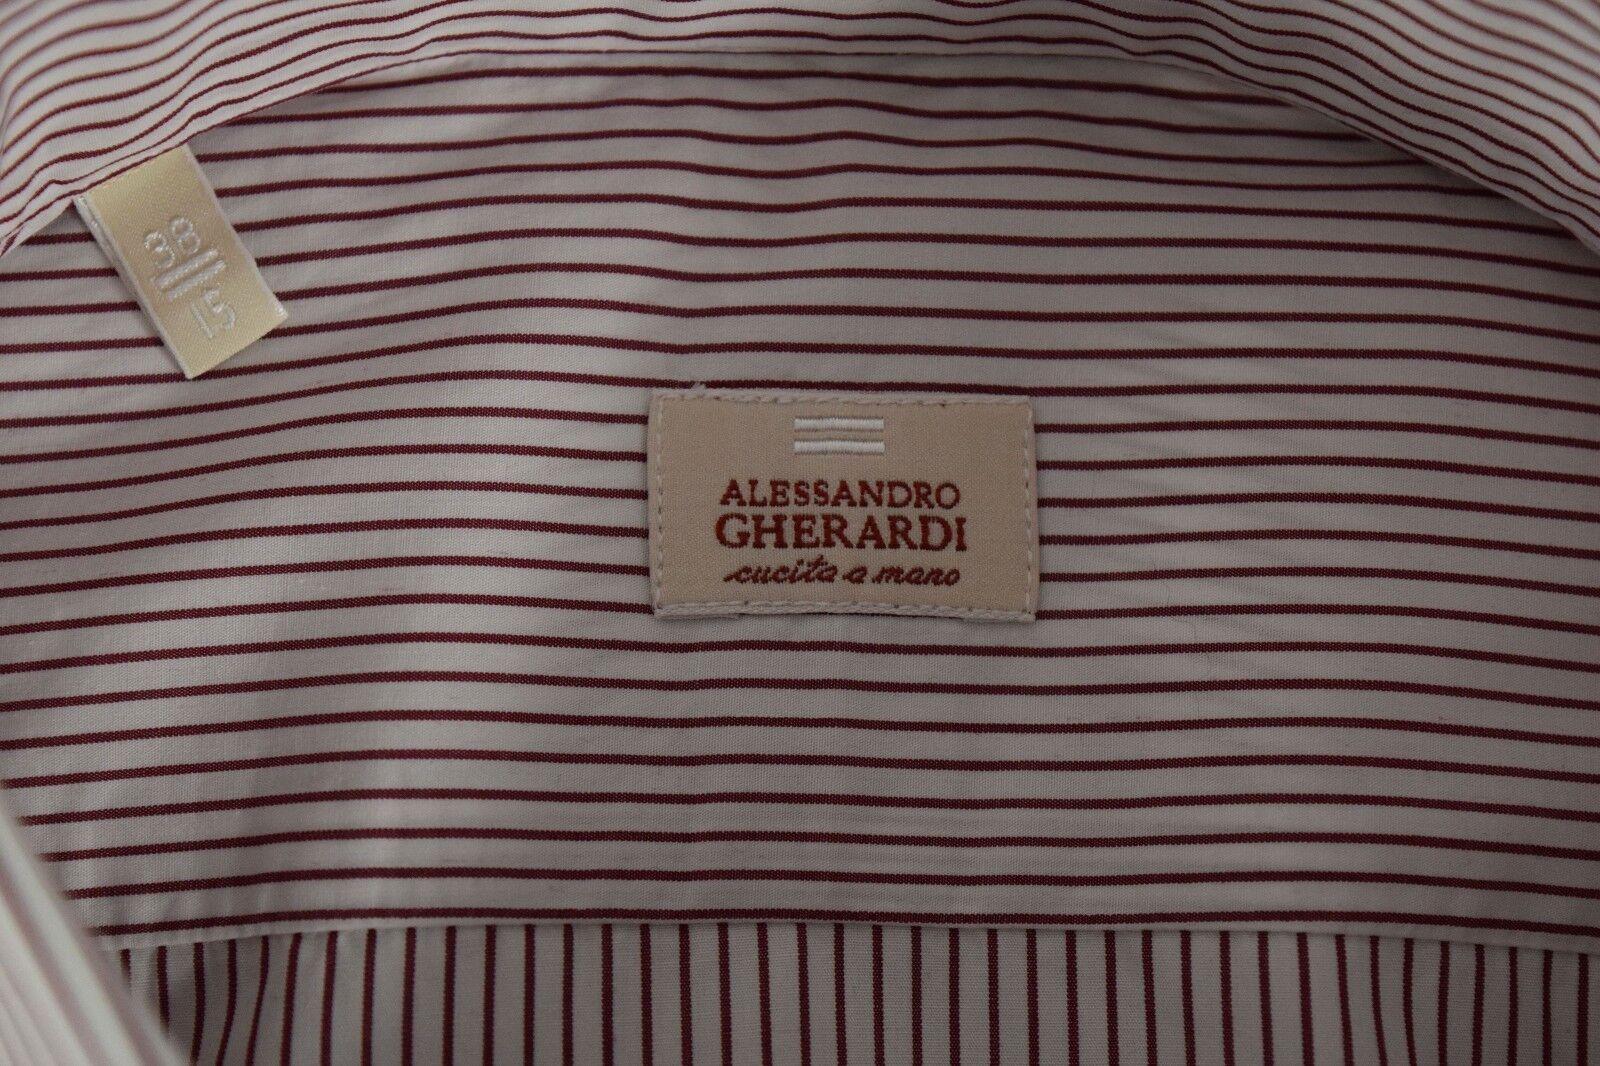 ALESSANDRO GHERARDI camicia UOMO sartoriale classica 100% COTONE popeline popeline popeline ALBINI 1b5dc3